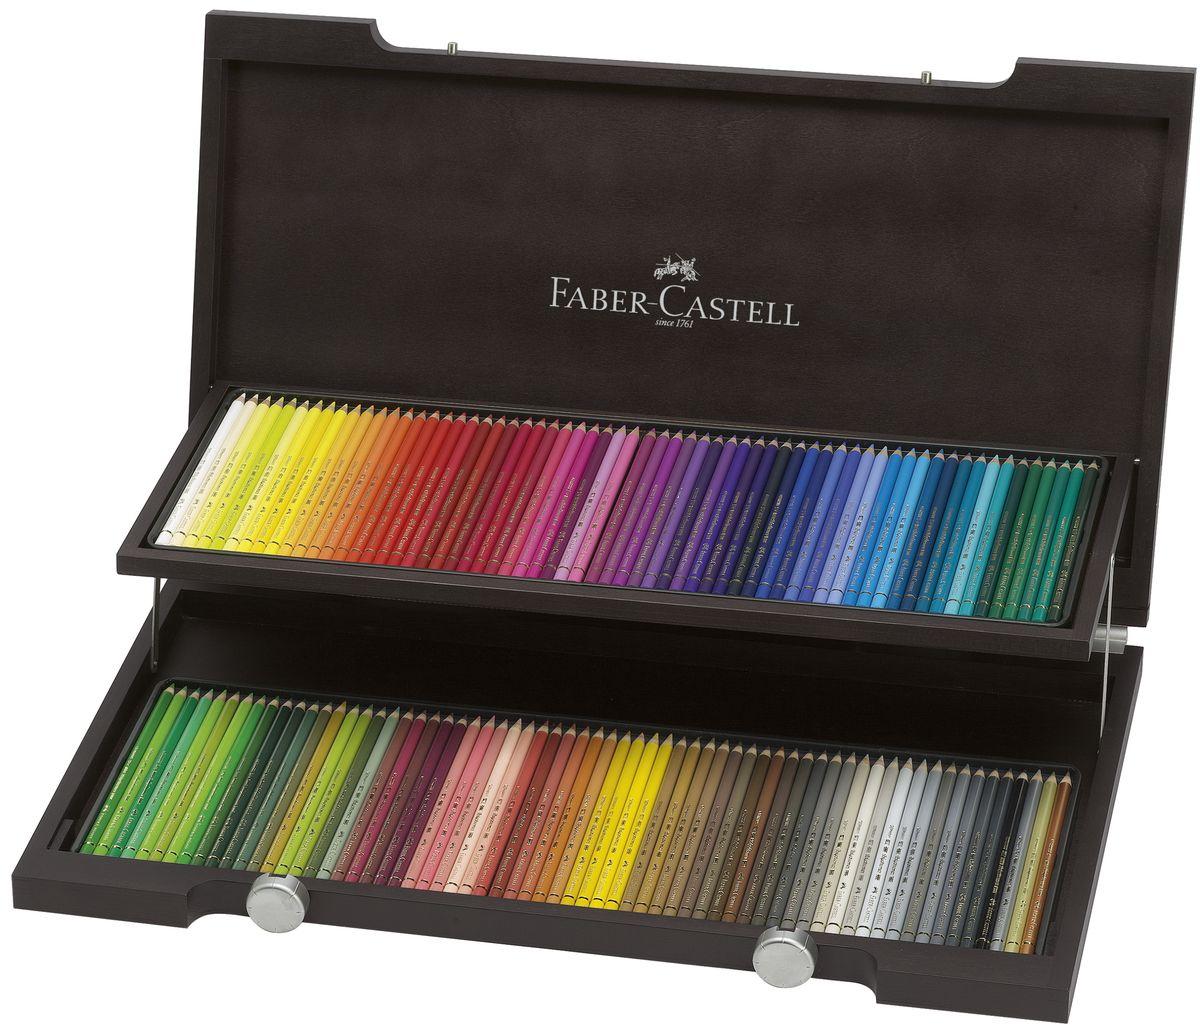 Faber-Castell Цветные карандаши Polychromos 120 цветов72523WDЦветные карандаши Faber-Castell Polychromos станут незаменимым инструментом для начинающих и профессиональных художников. В набор входят 120 карандашей различных цветов.Особенности карандашей: высокое содержание очень качественных пигментов гарантирует устойчивость квоздействию света и интенсивность; грифель толщиной 3,8 мм;гладкий грифель на основе воска водоустойчив,не размазывается.Набор цветных карандашей - это практичный художественный инструмент, который поможет вам в создании самых выразительных произведений. Карандаши упакованы в деревянный пенал, благодаря чему их удобно хранить.